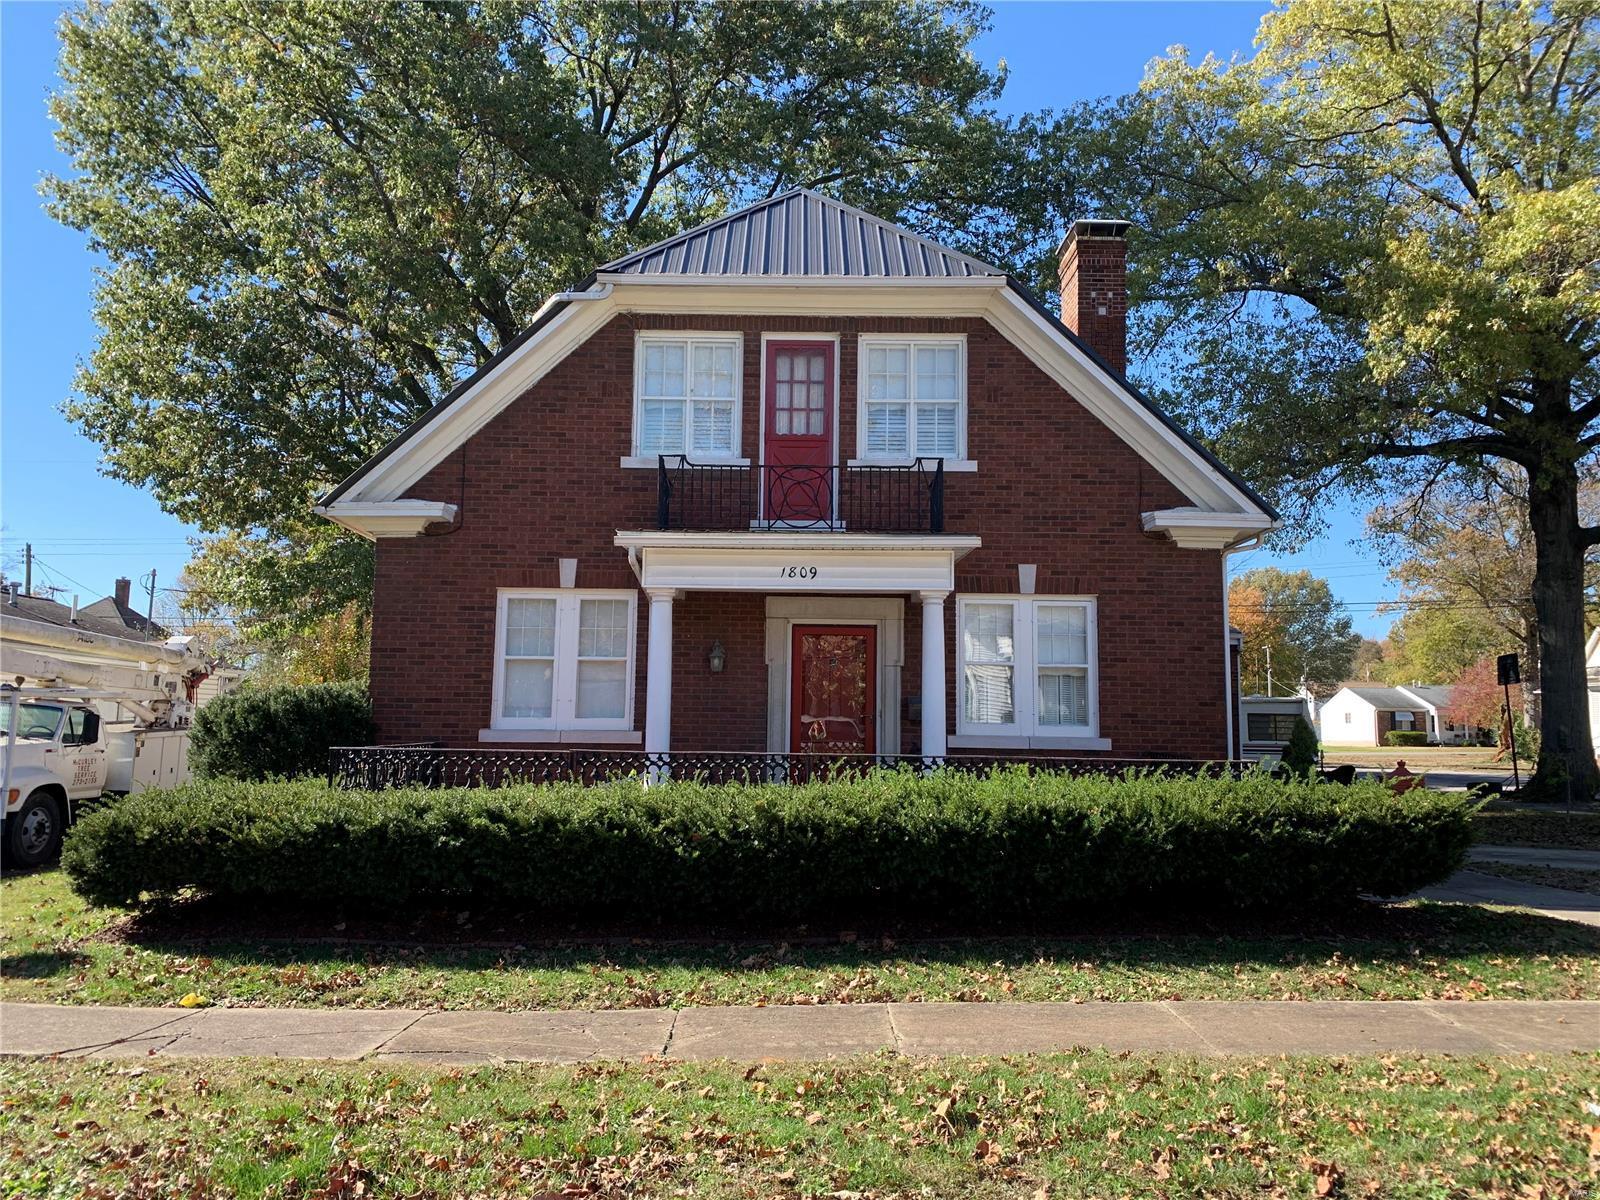 1809 Fourth Street Property Photo - Eldorado, IL real estate listing